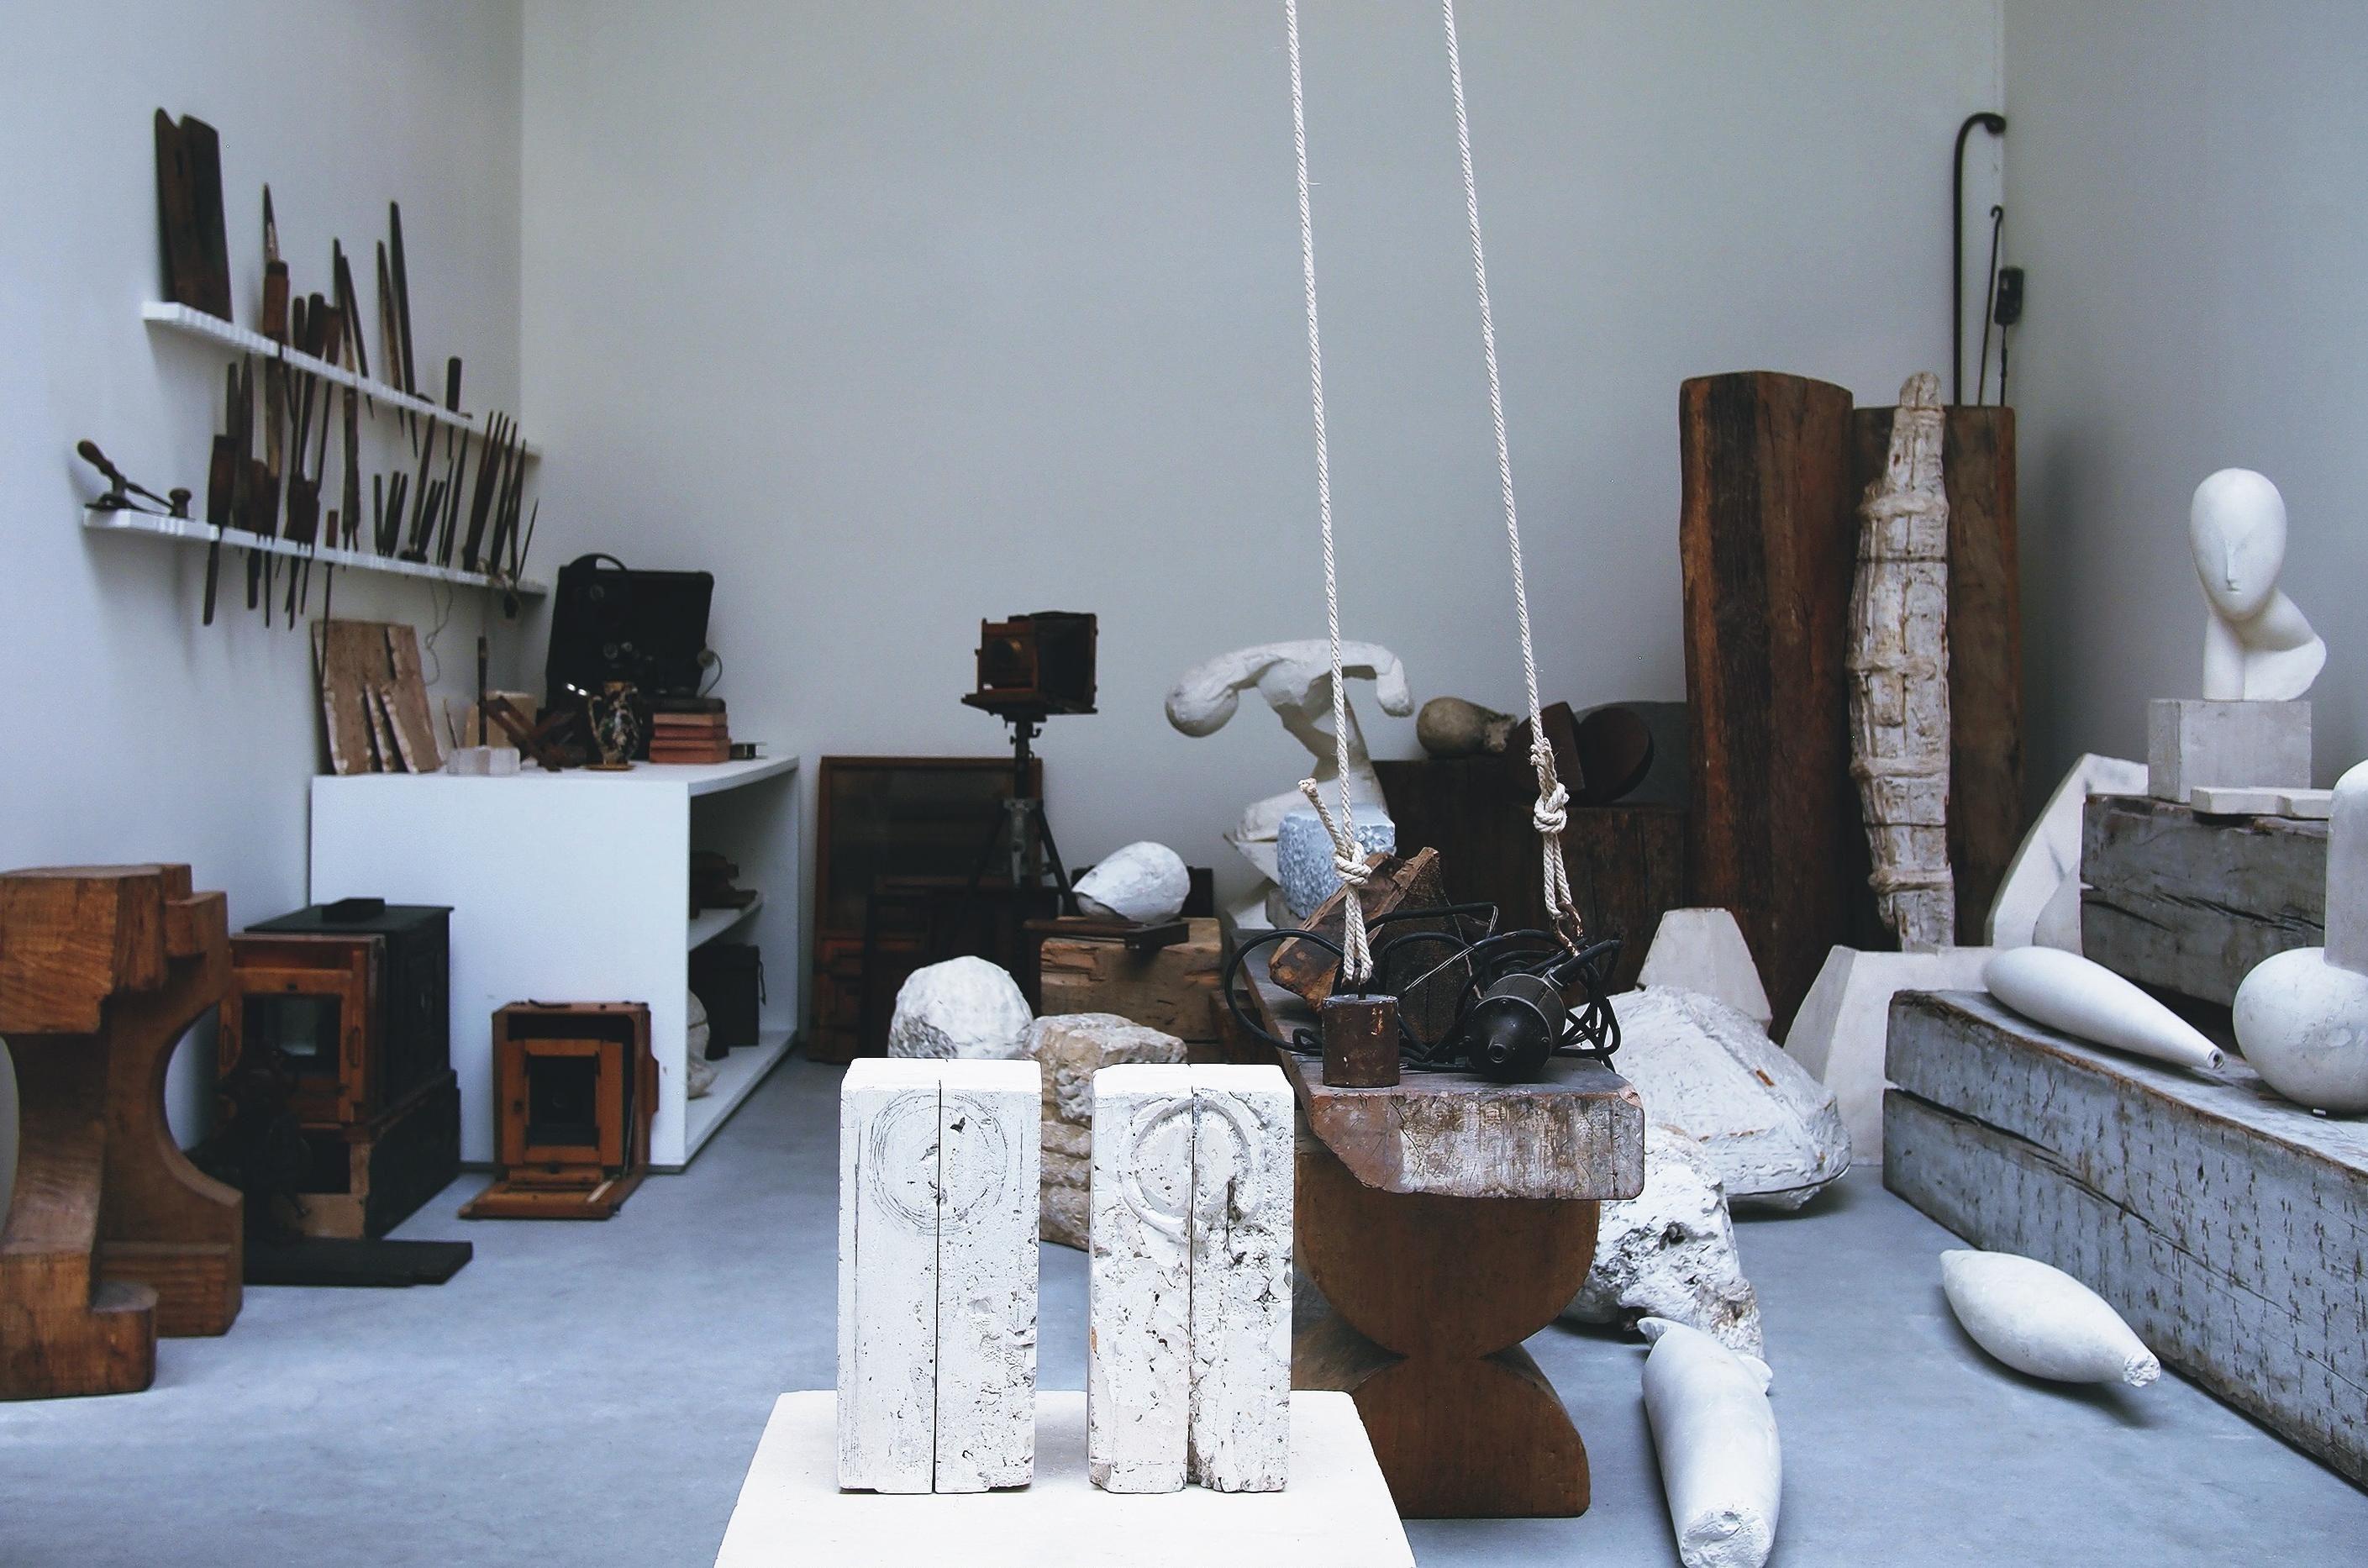 Free picture: sculpture, art, interior, statue, furniture, room ...